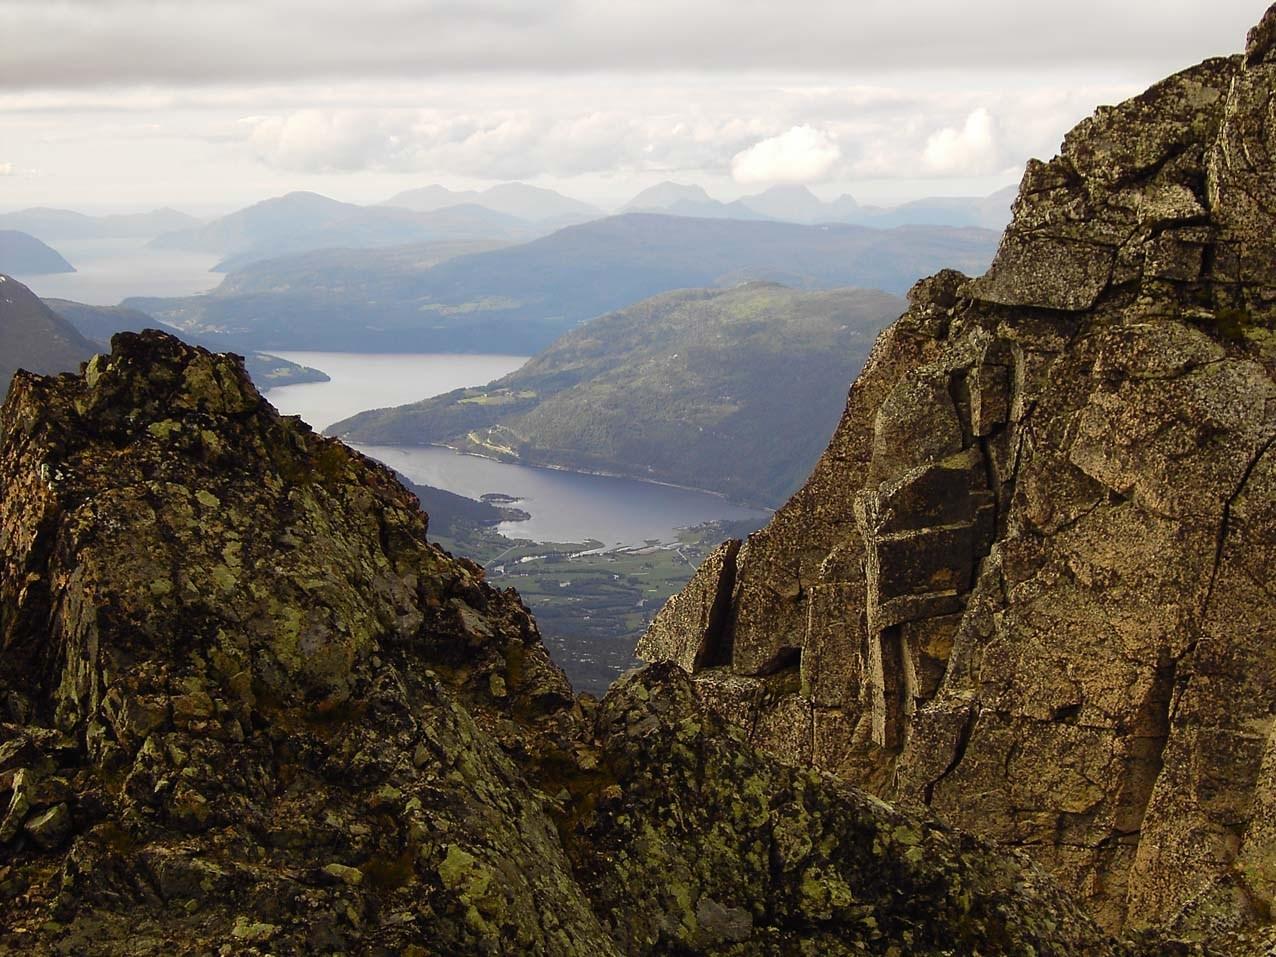 Månadens bilete: Utsikt frå Skjerdingfjellet